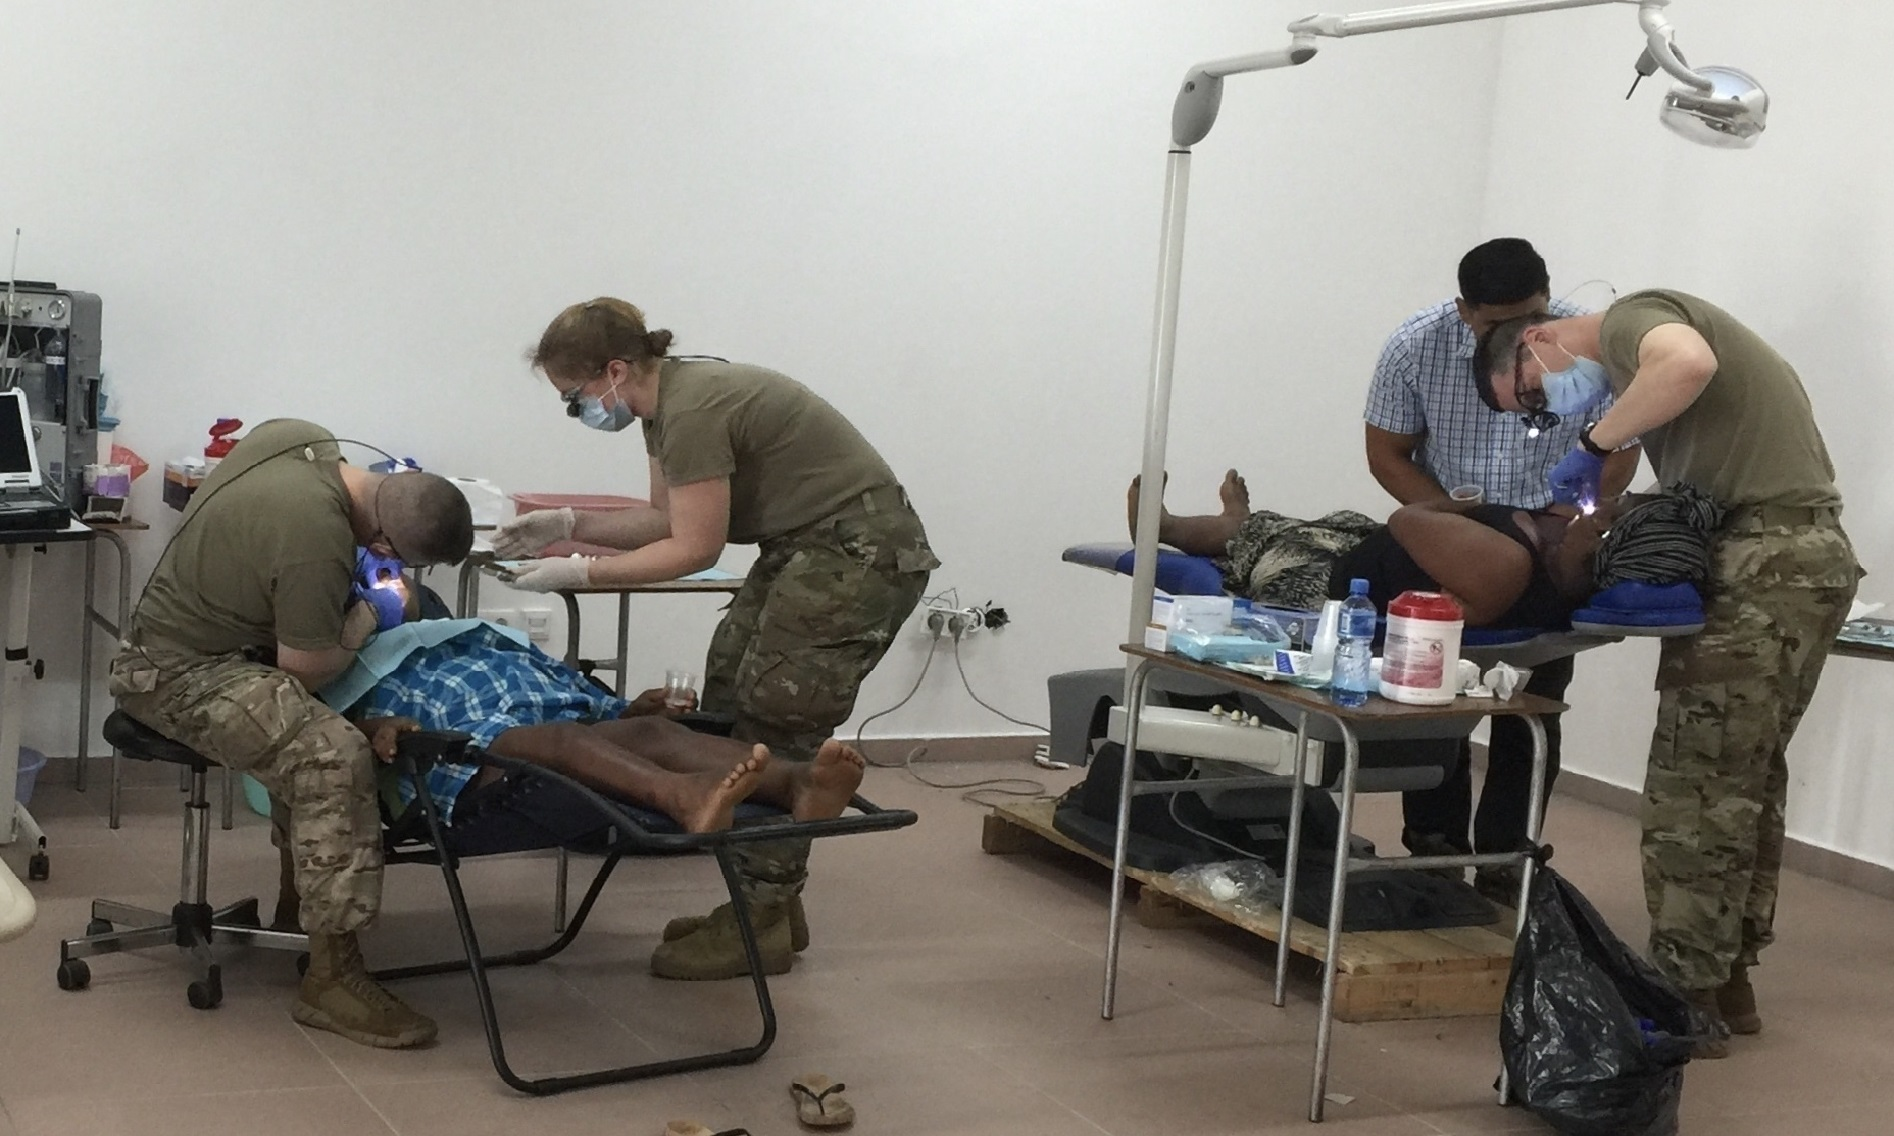 SD Guard, Suriname Partner Together to Provide Medical, Dental Services